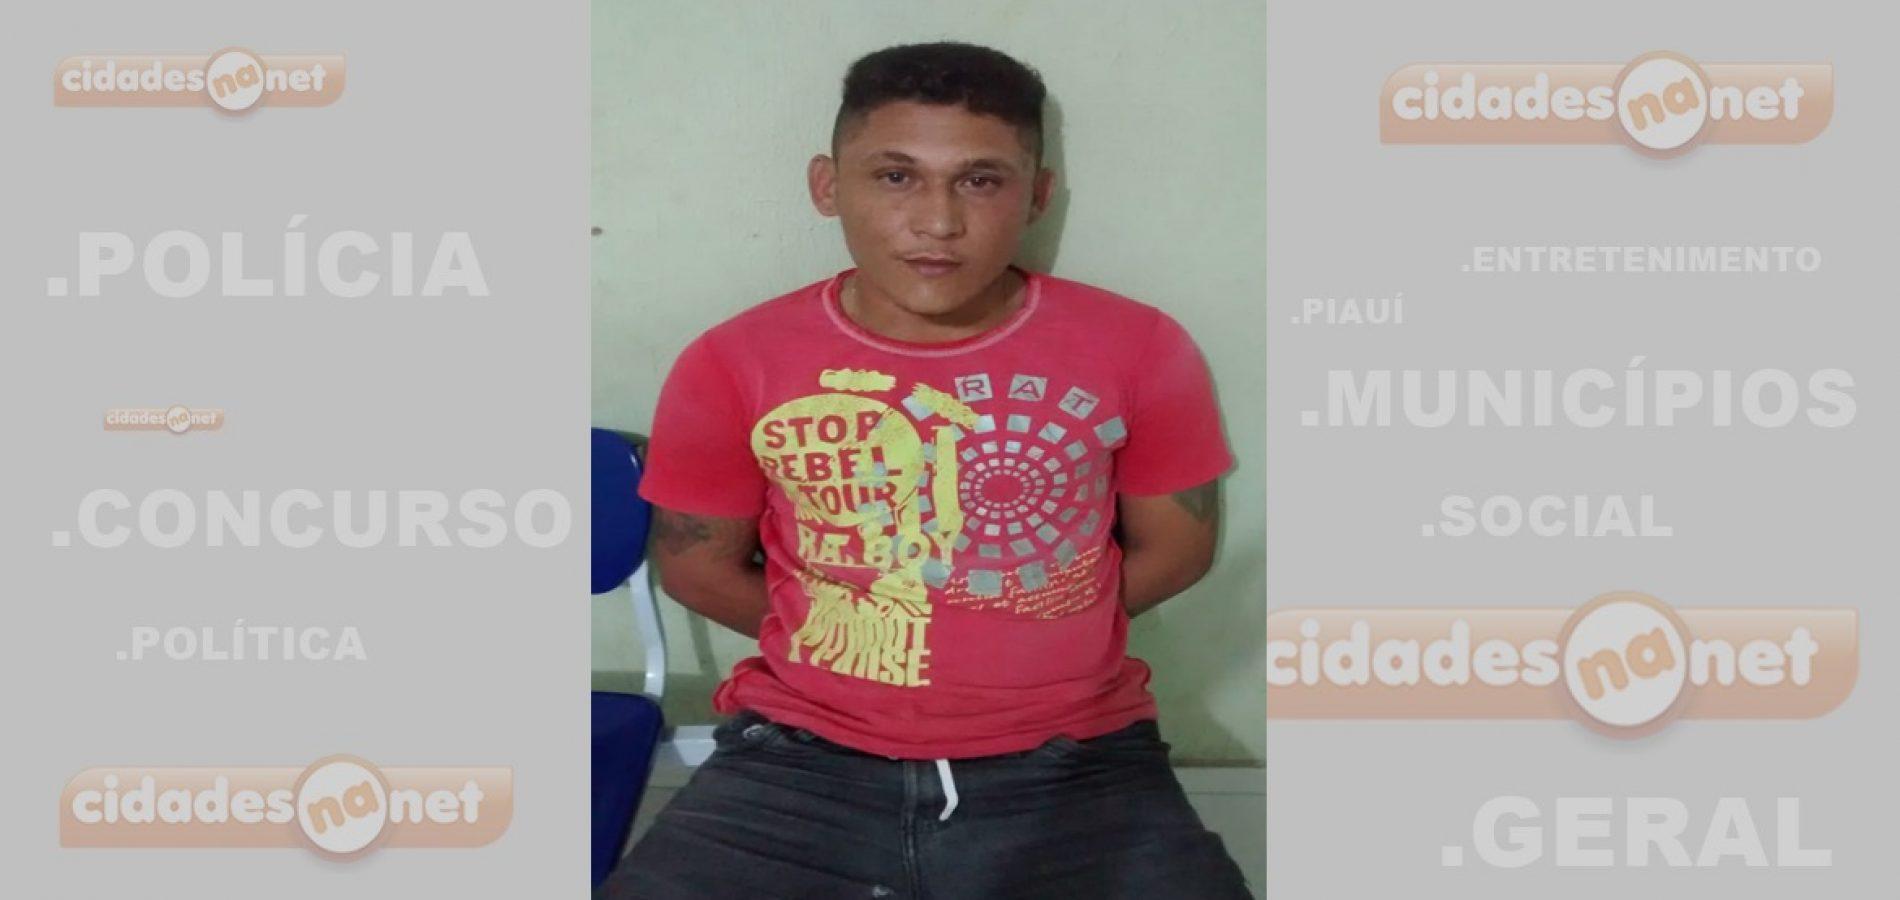 Polícia Militar prende homem acusado de roubos e furtos em São Julião